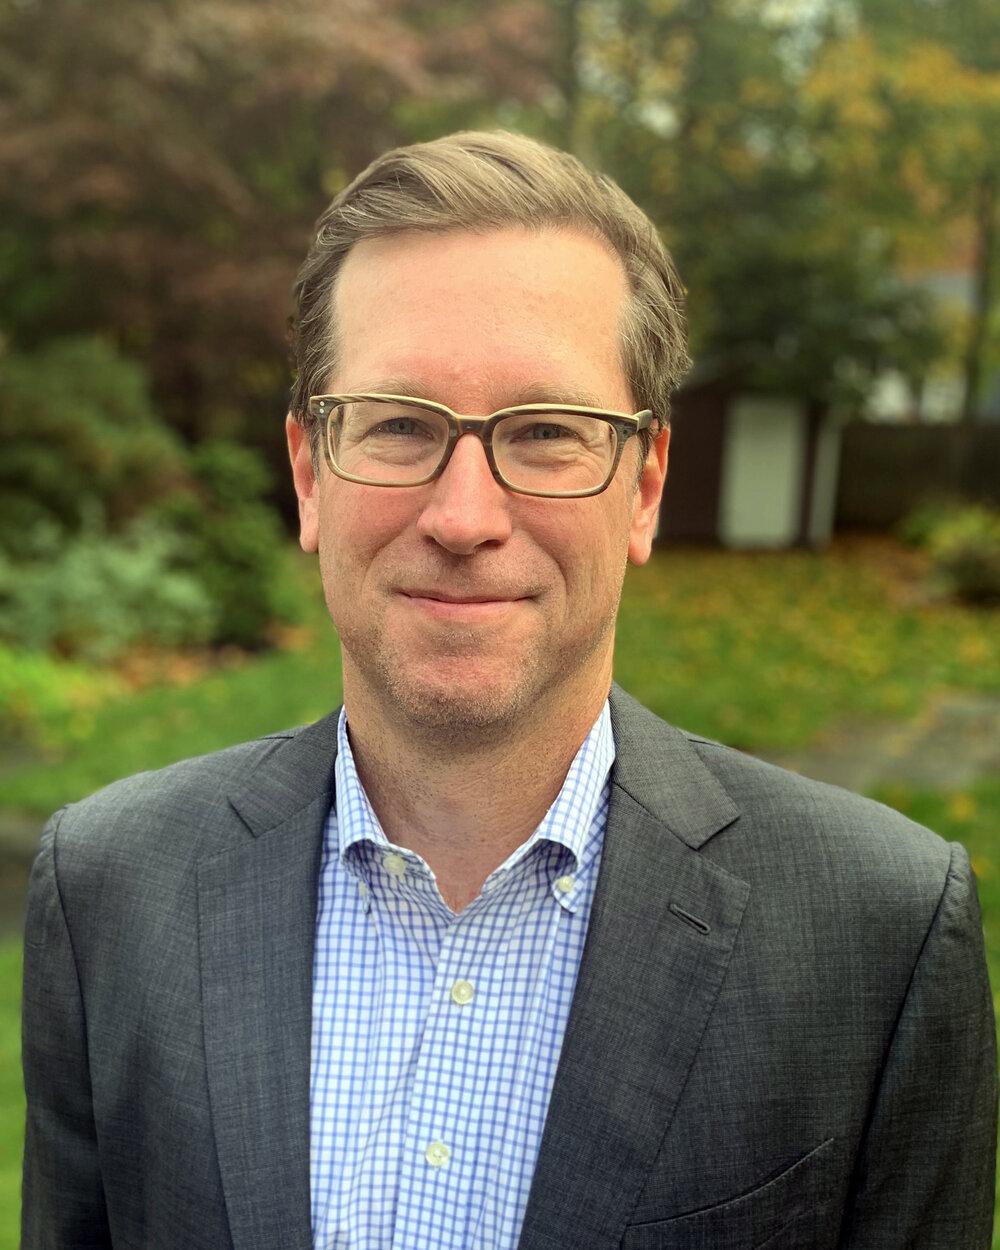 Mark Kristiansen